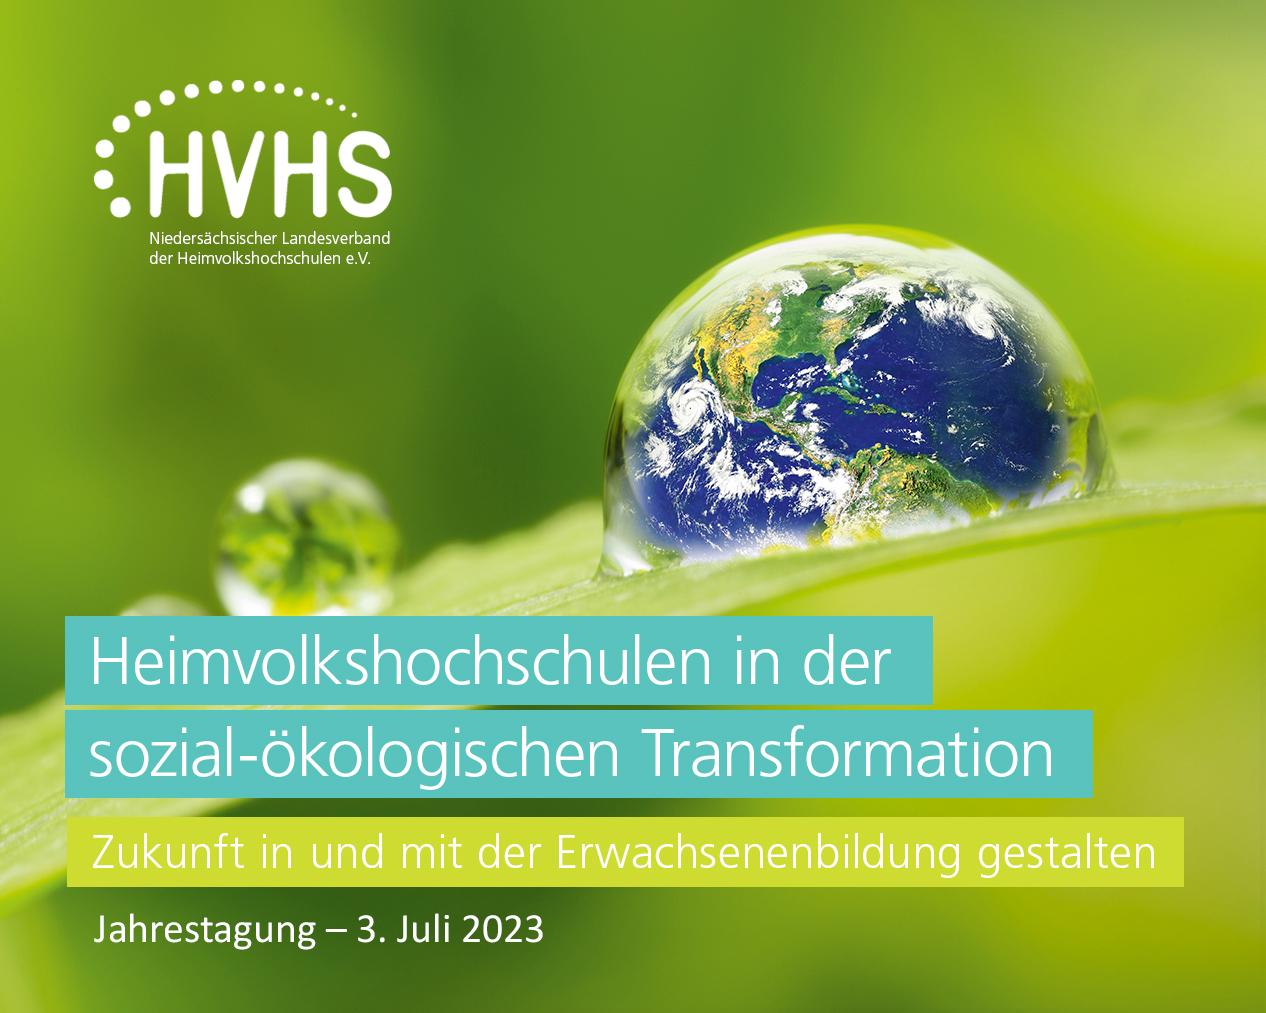 HVHS Bildungsurlaub 2020 Niedersachsen